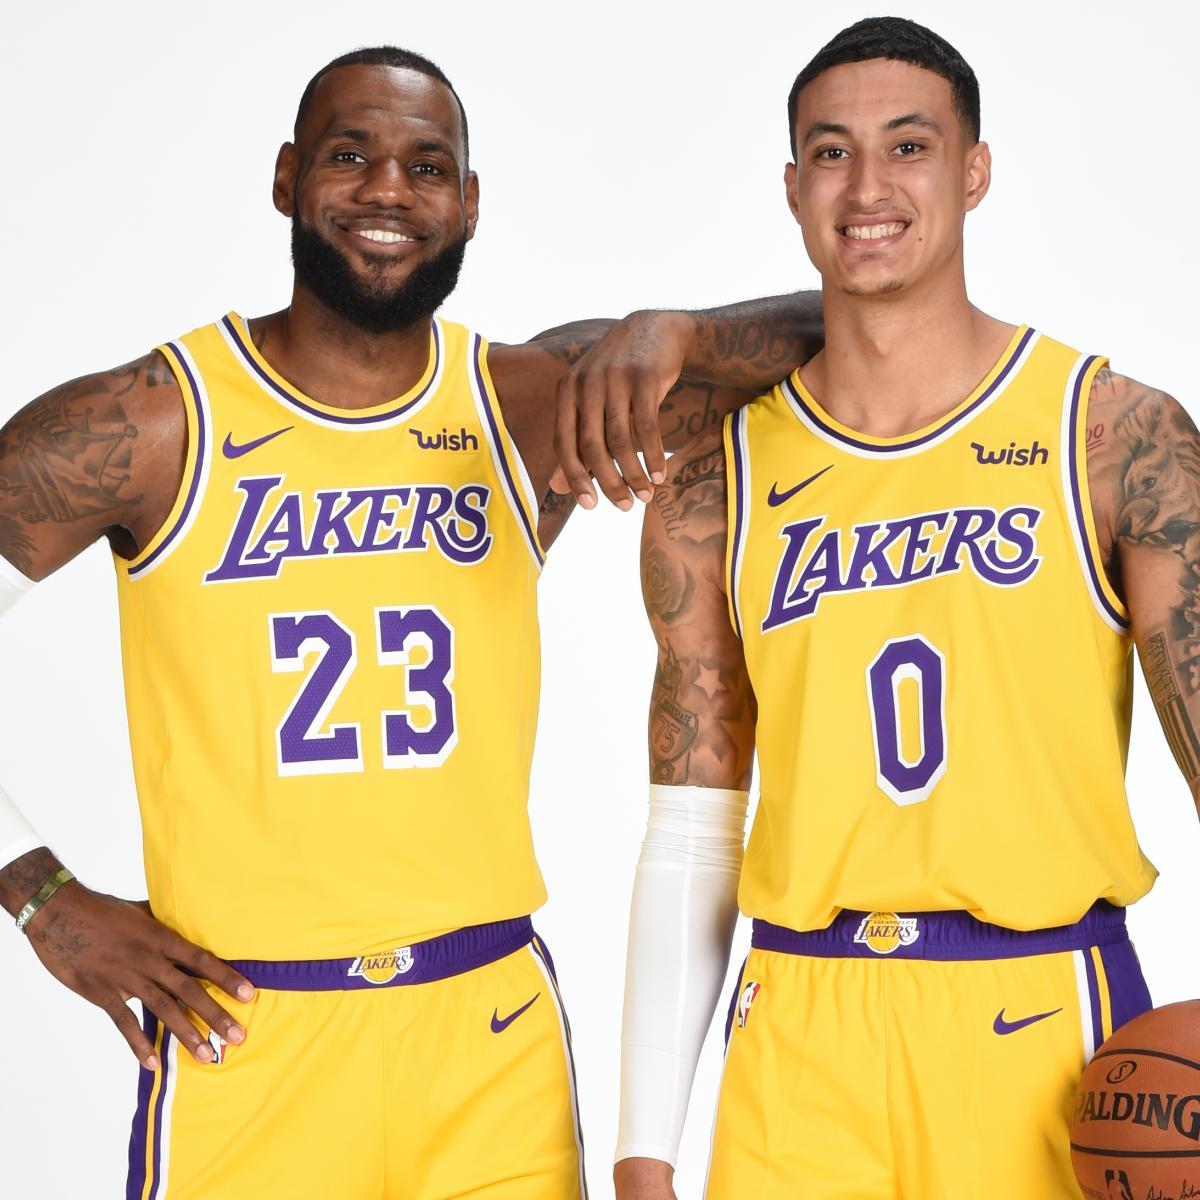 Lakers News: Latest Reports on Kyle Kuzma, LeBron James and More